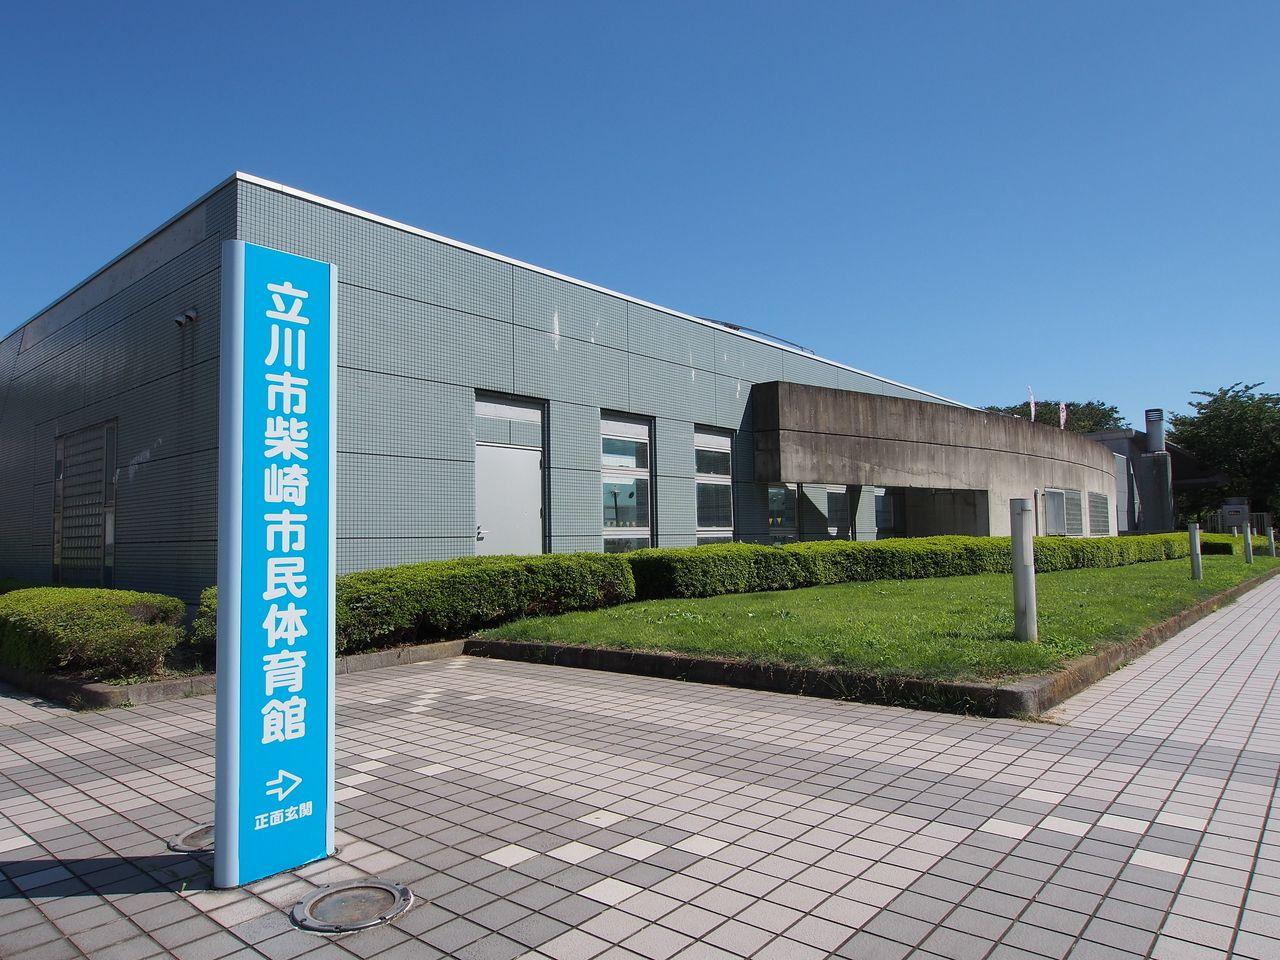 温水プールもある市営体育館、第一清雅荘から「約640m」